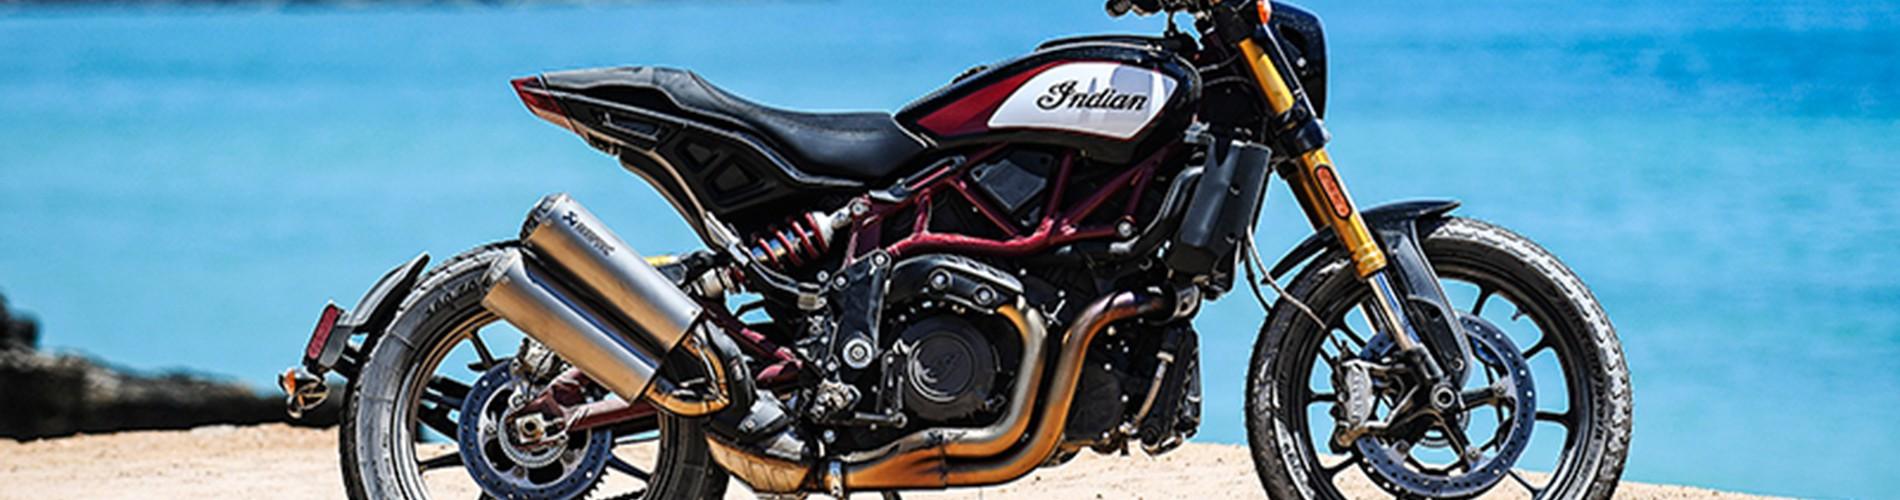 Motorfietsen en Scooters